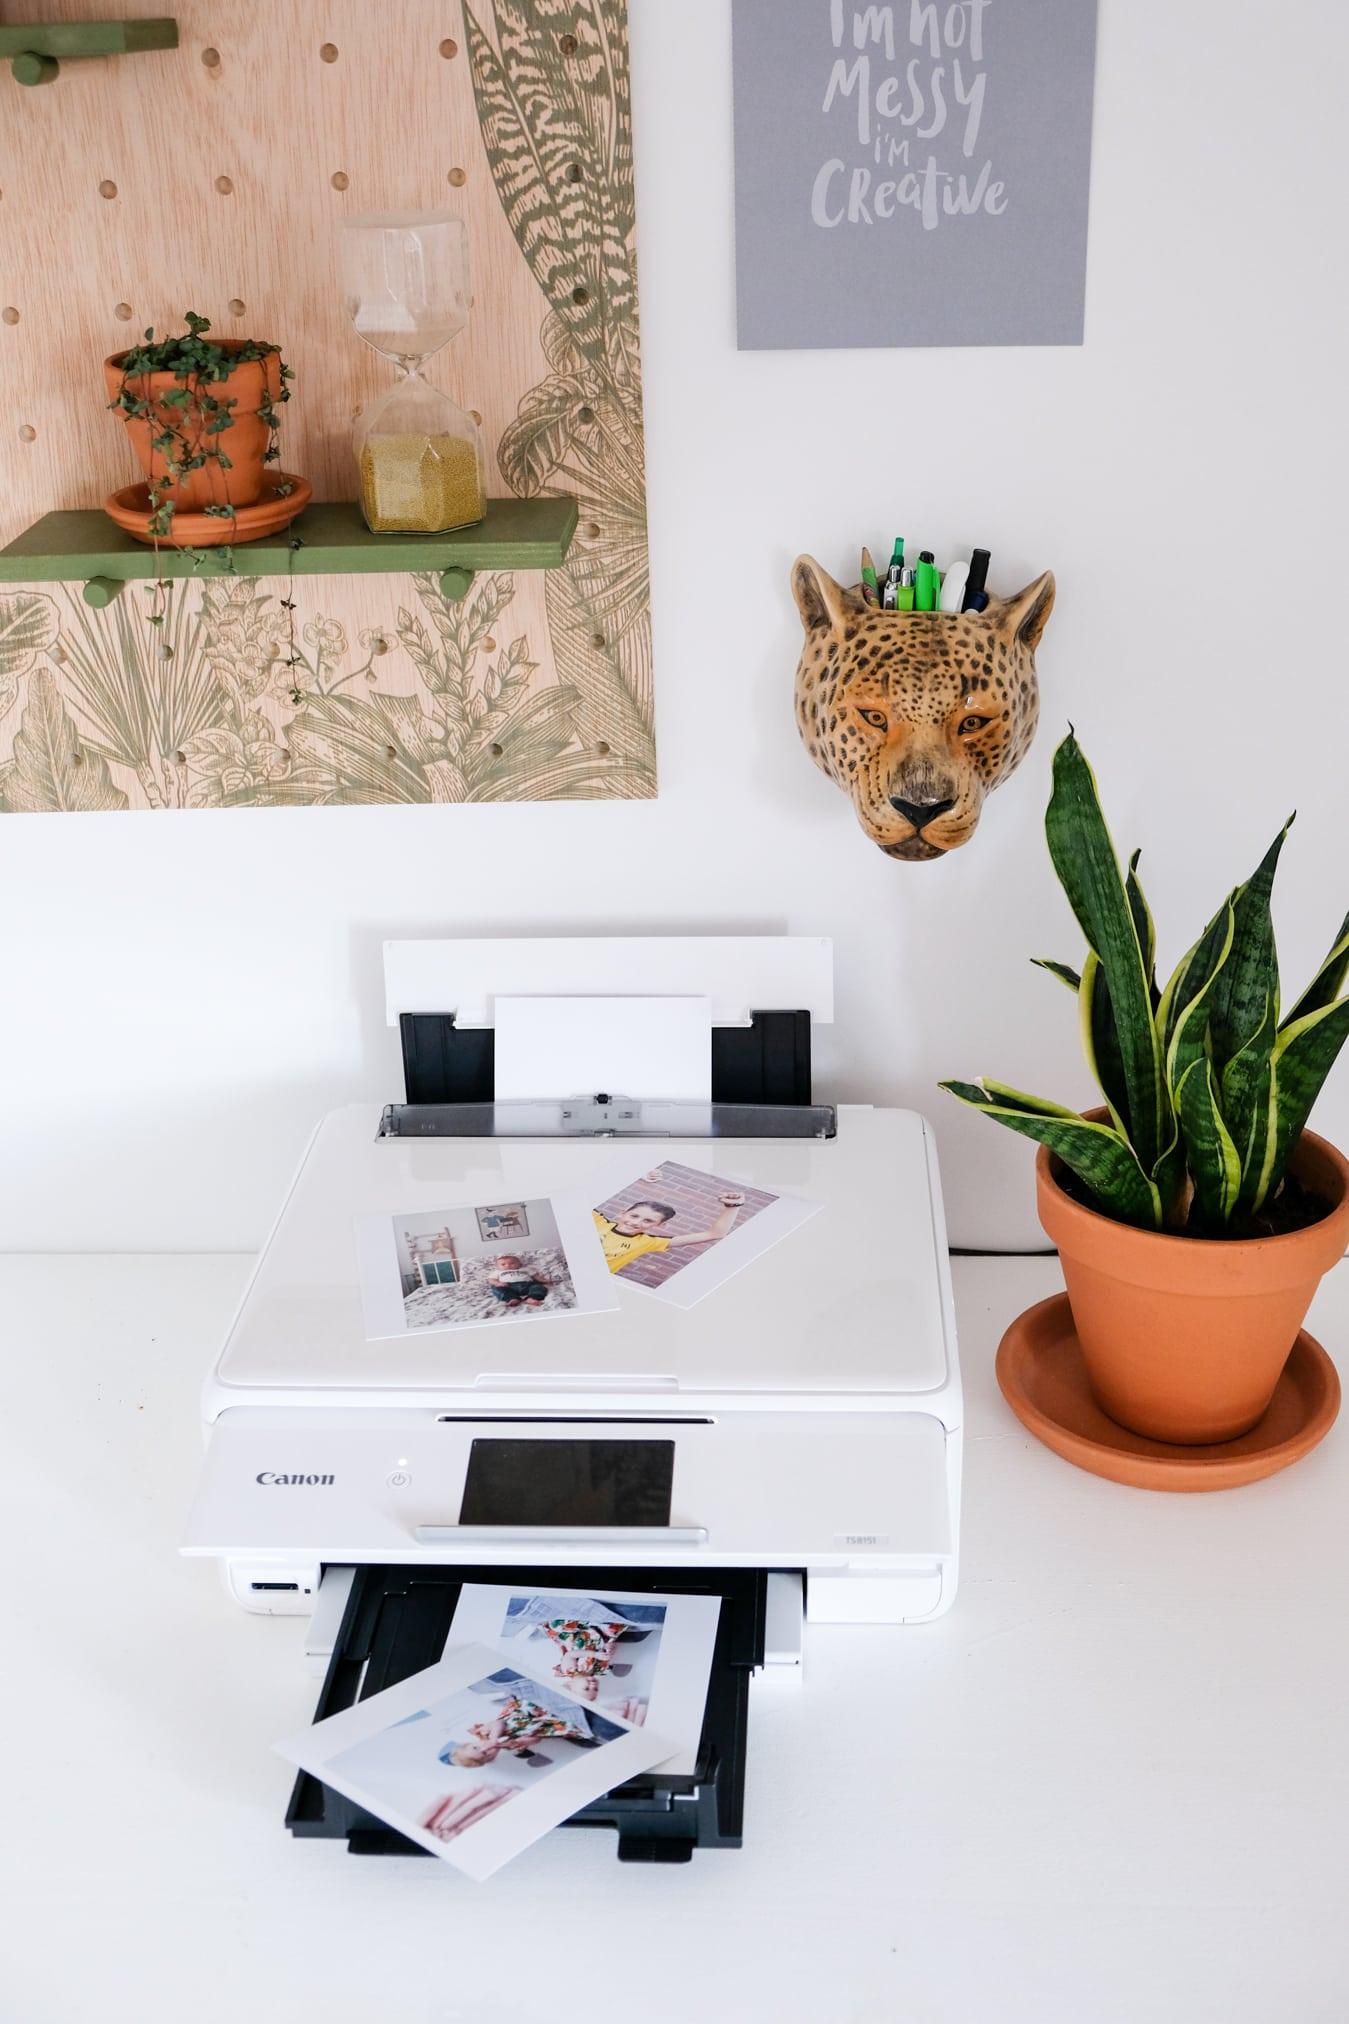 canon pixma wifi printer